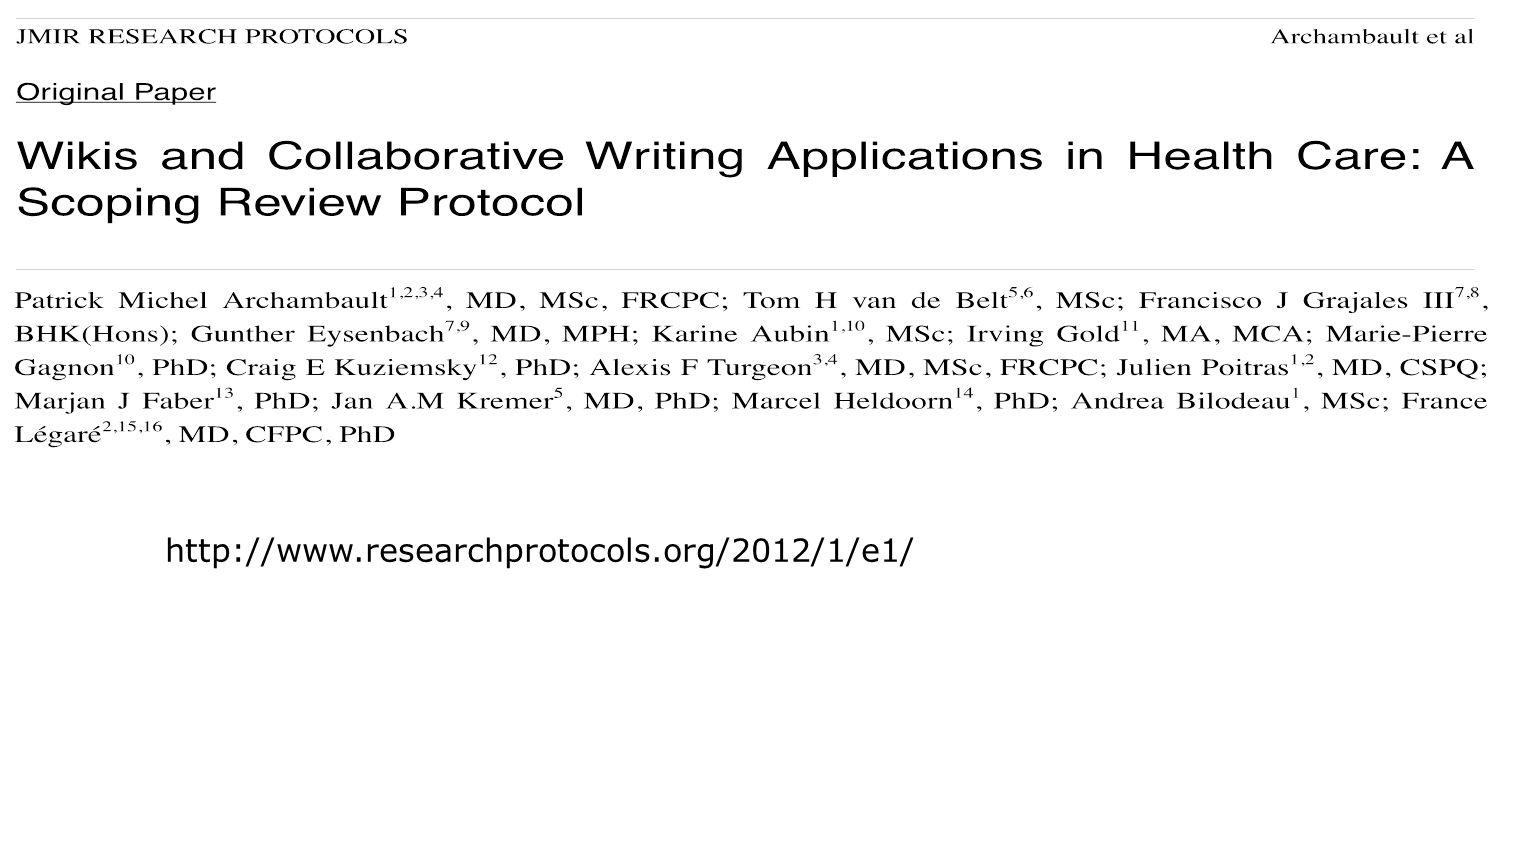 http://www.researchprotocols.org/2012/1/e1/